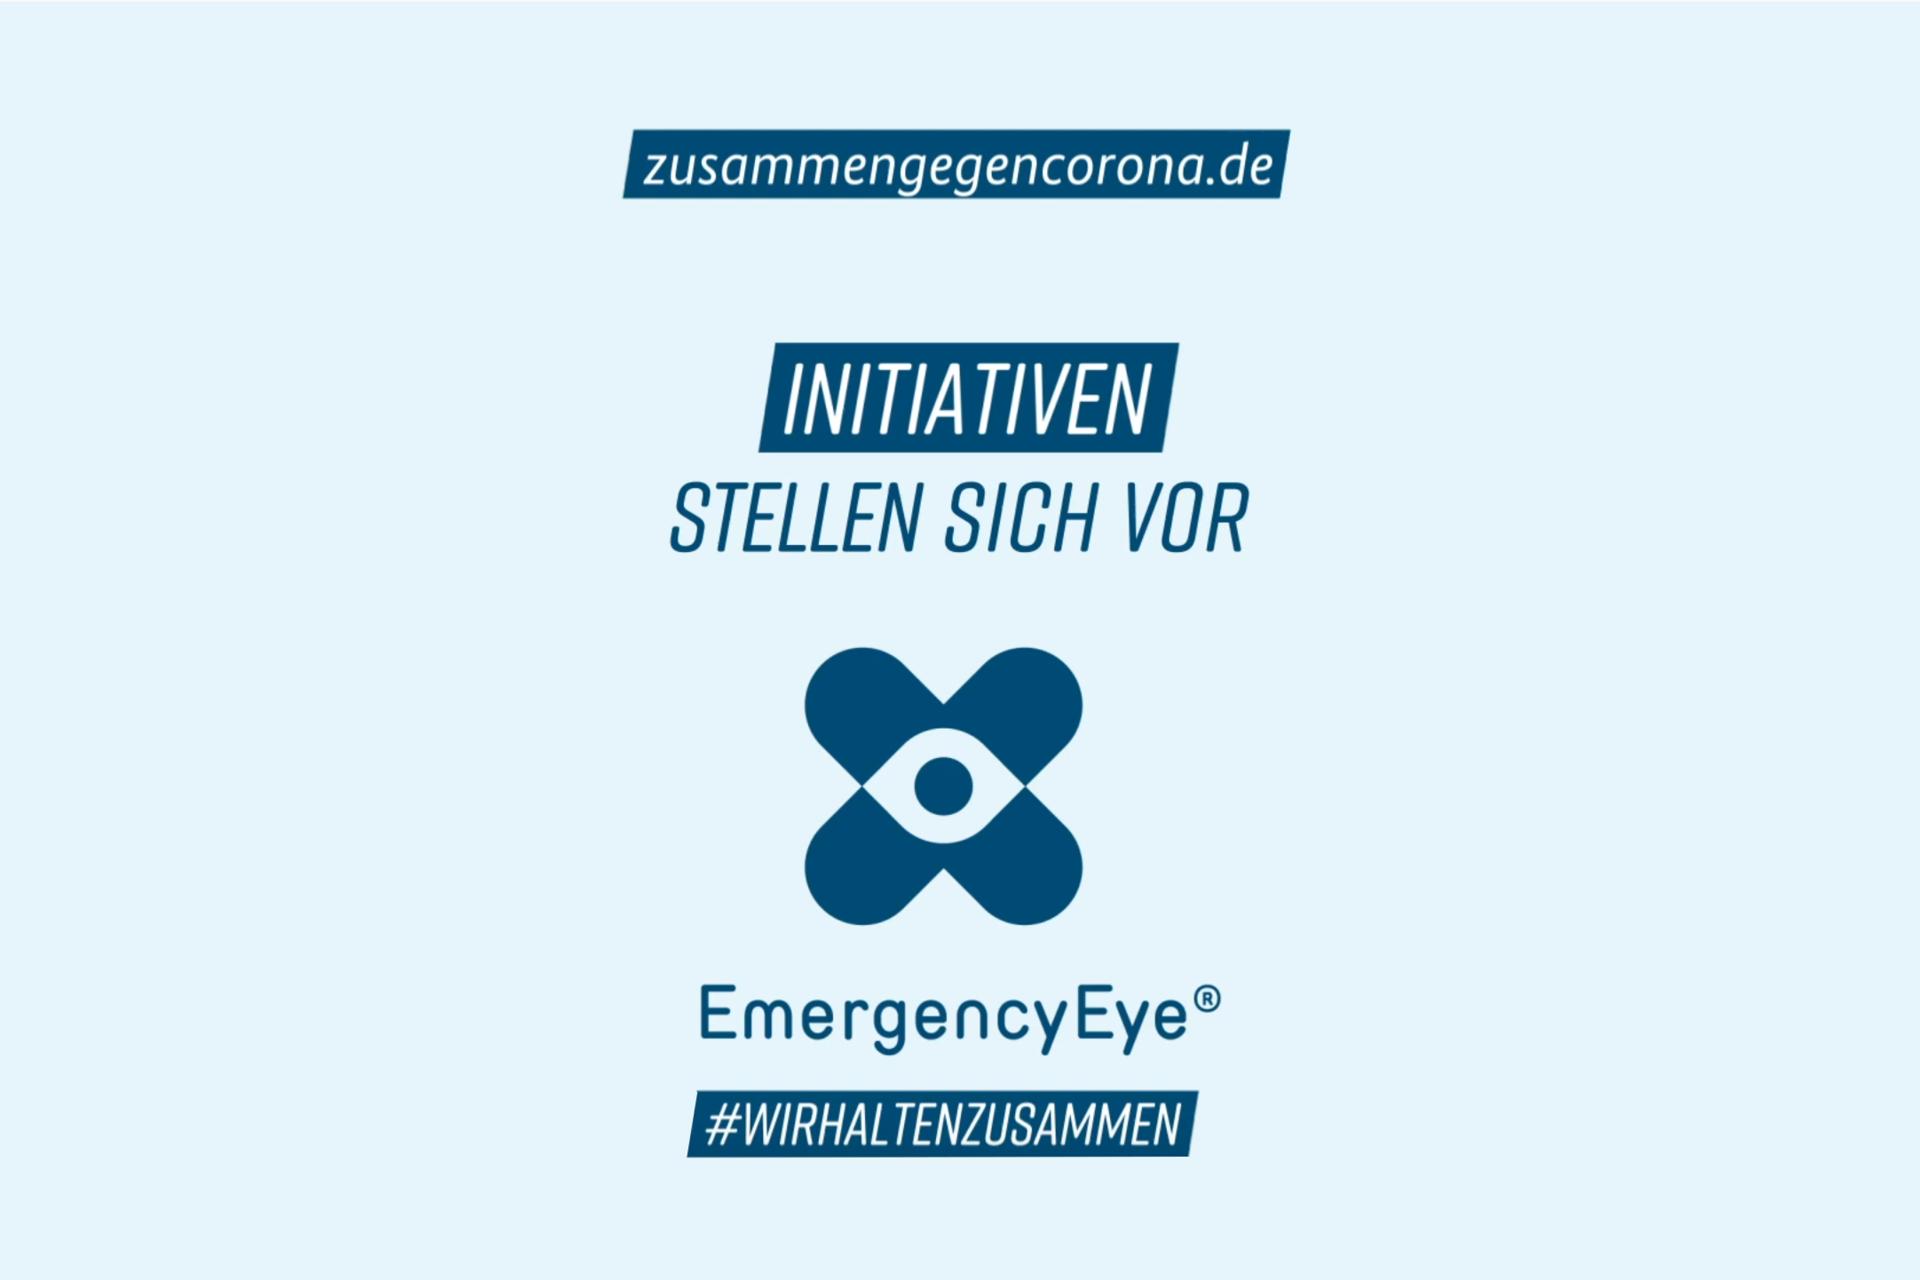 zusammengegencorona.de – Initiativen stellen sich vor – EmergencyEye – #wirhaltenzusammen